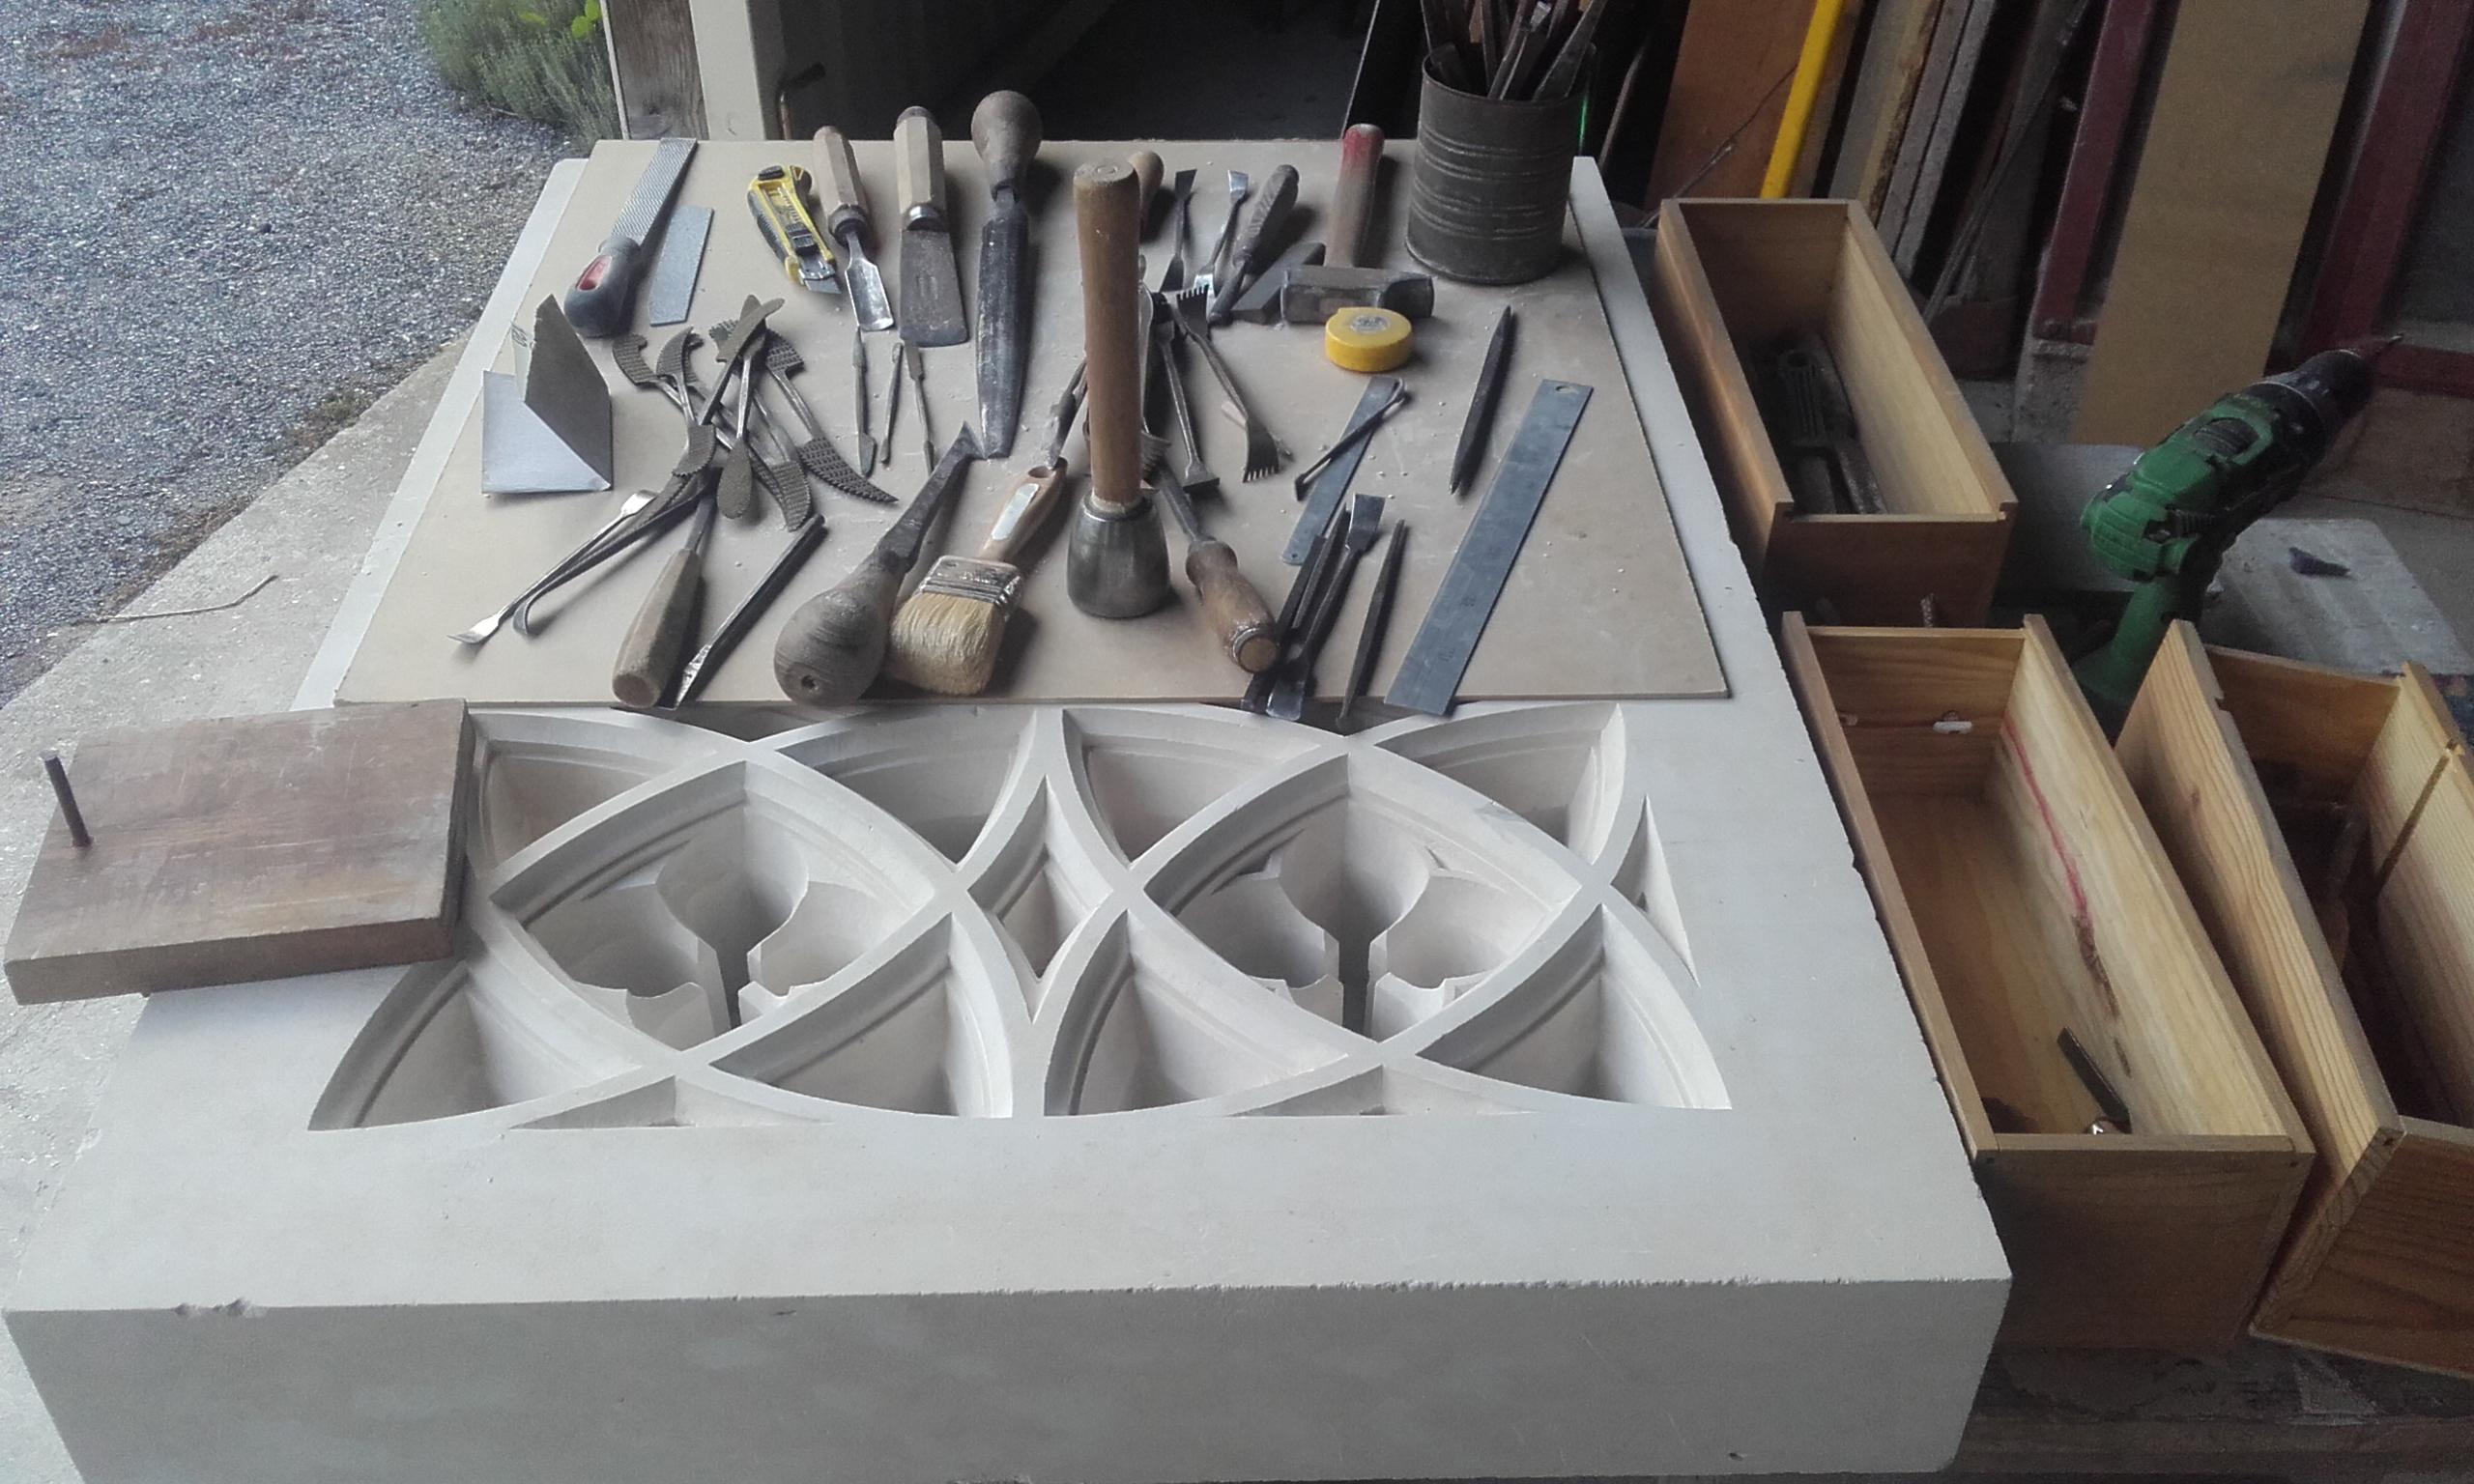 Etat d'avancement du travail de reproduction du tailleur de pierre